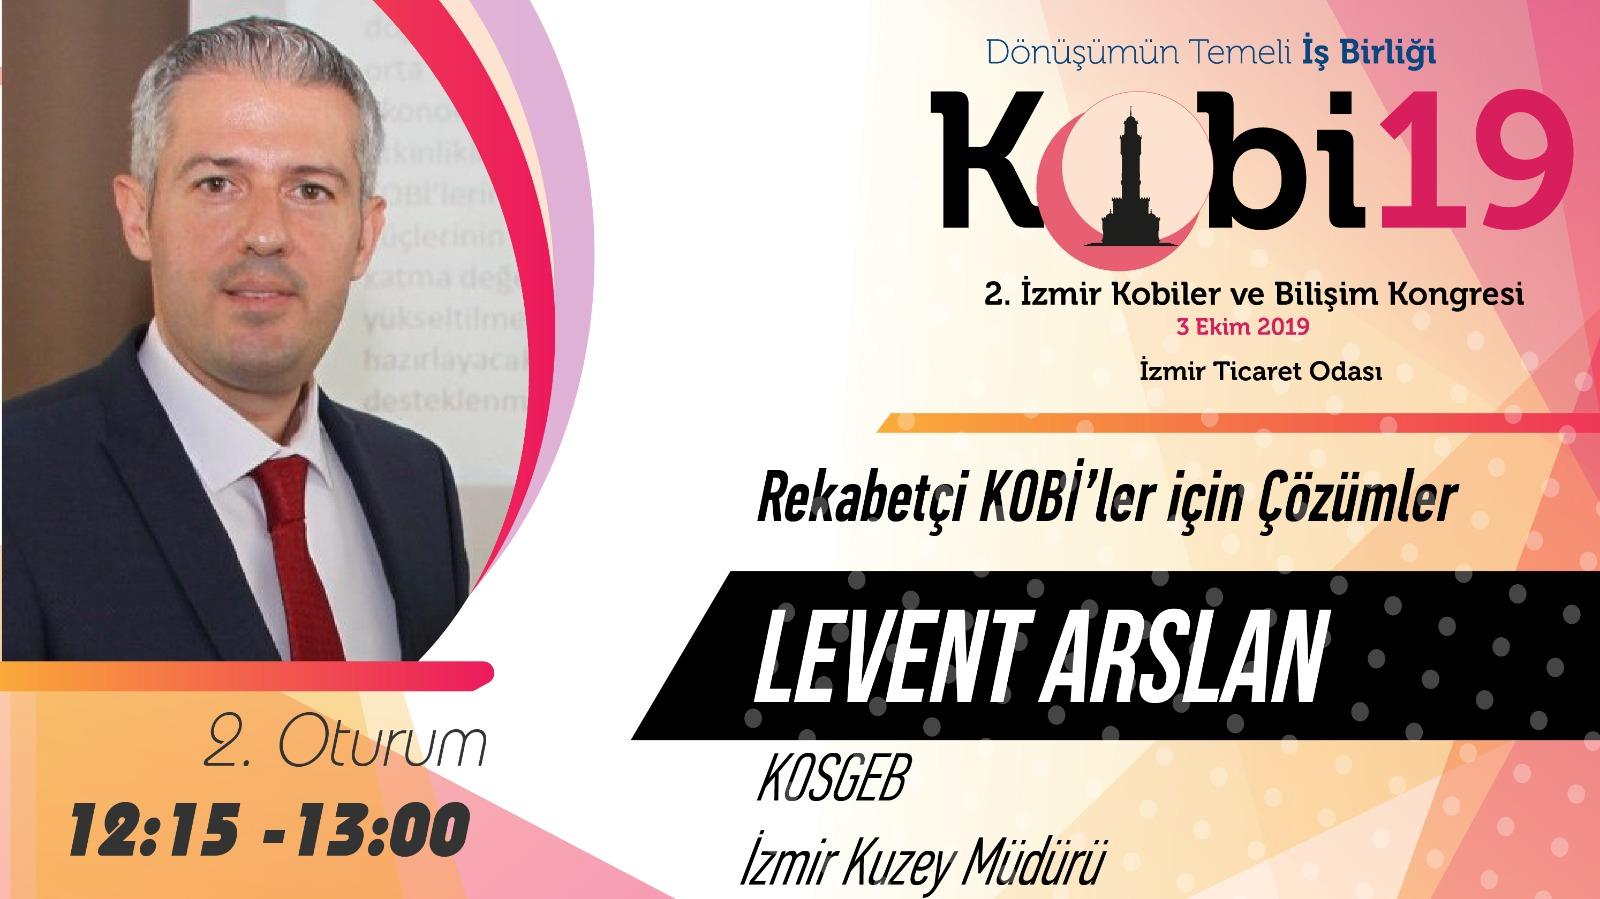 Levent ARSLAN - 2. İzmir Kobiler ve Bilişim Kongresi 2019